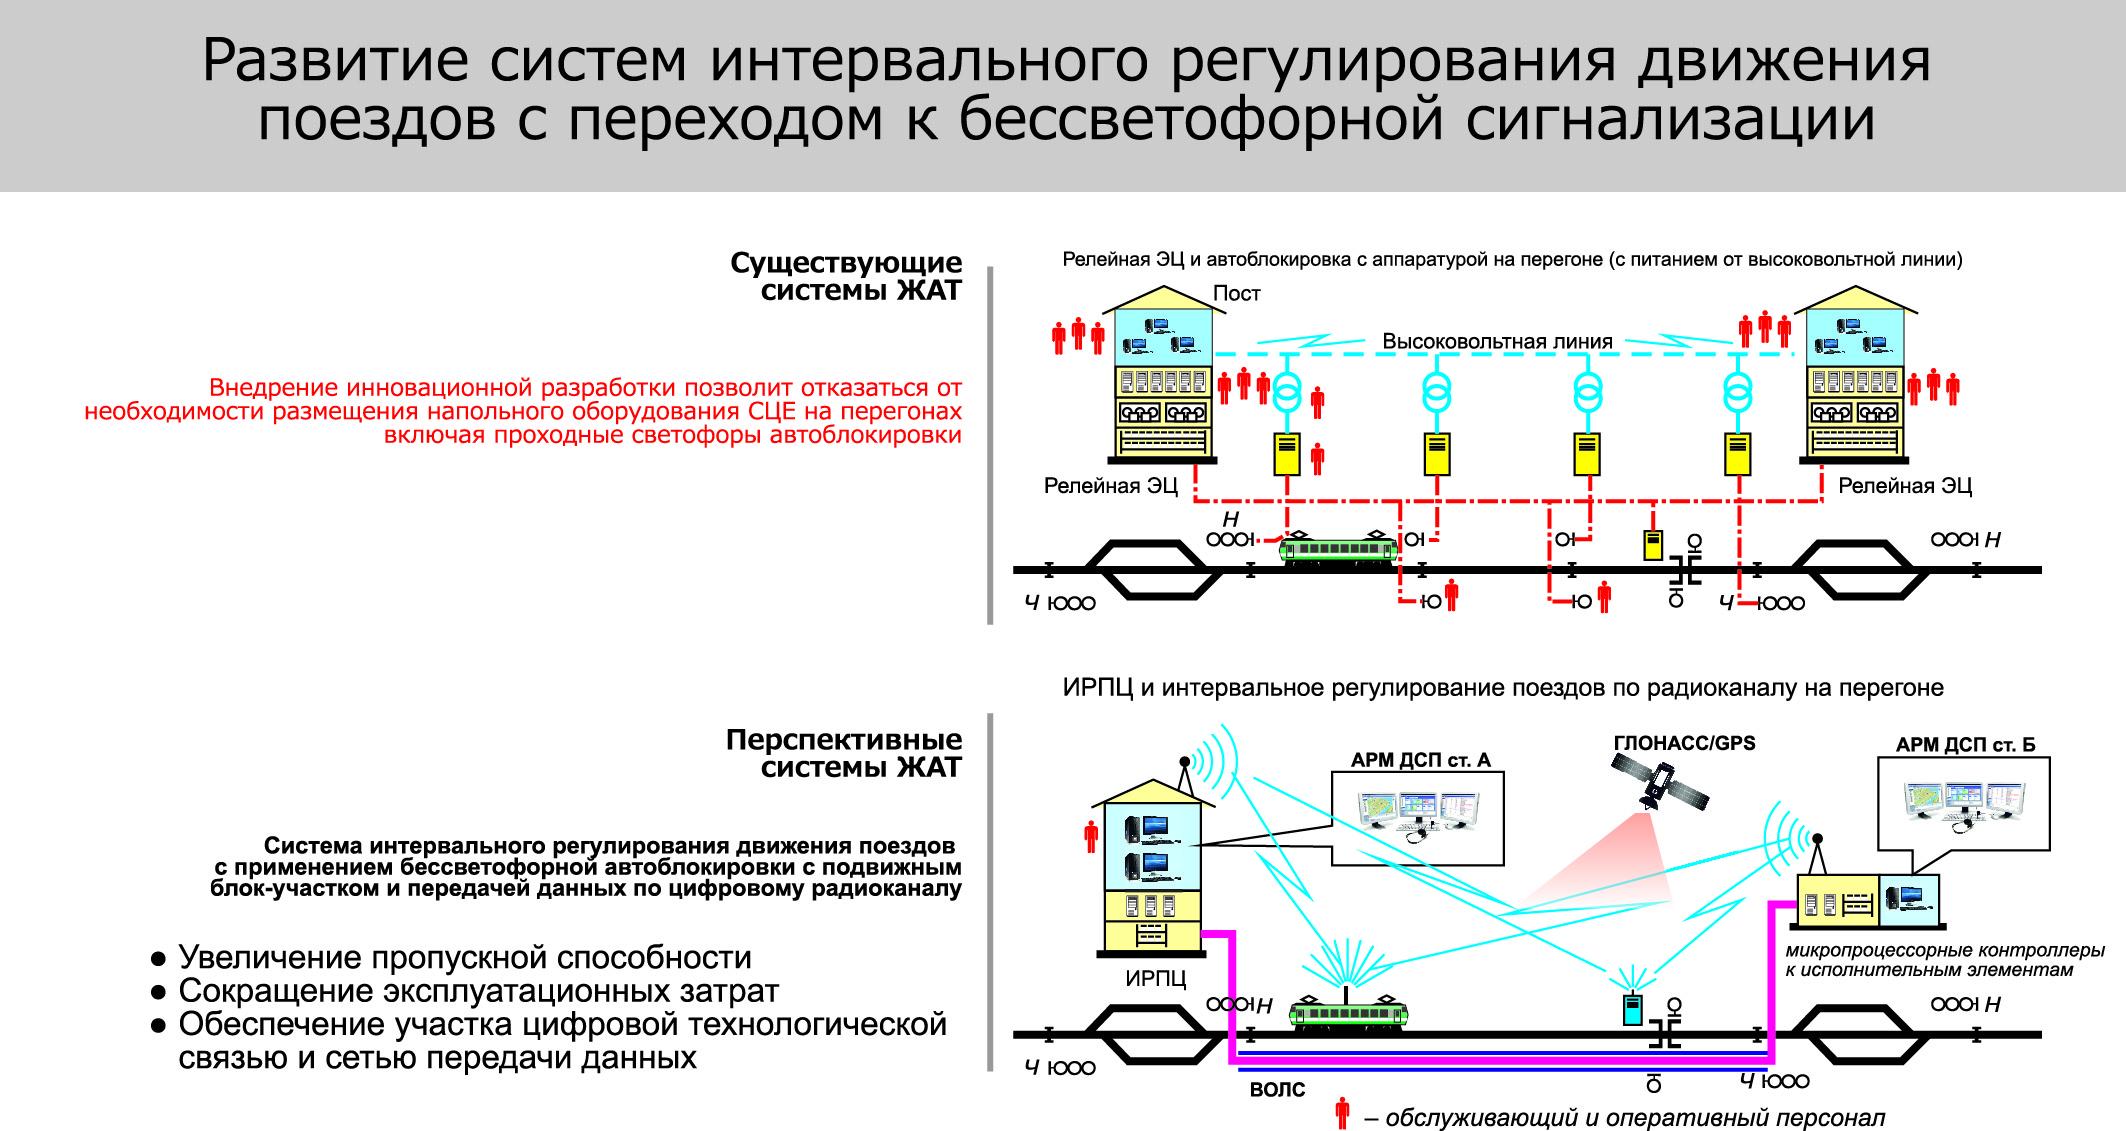 Упрощенная схема перспективной системы ИРДП с использованием радиоканала